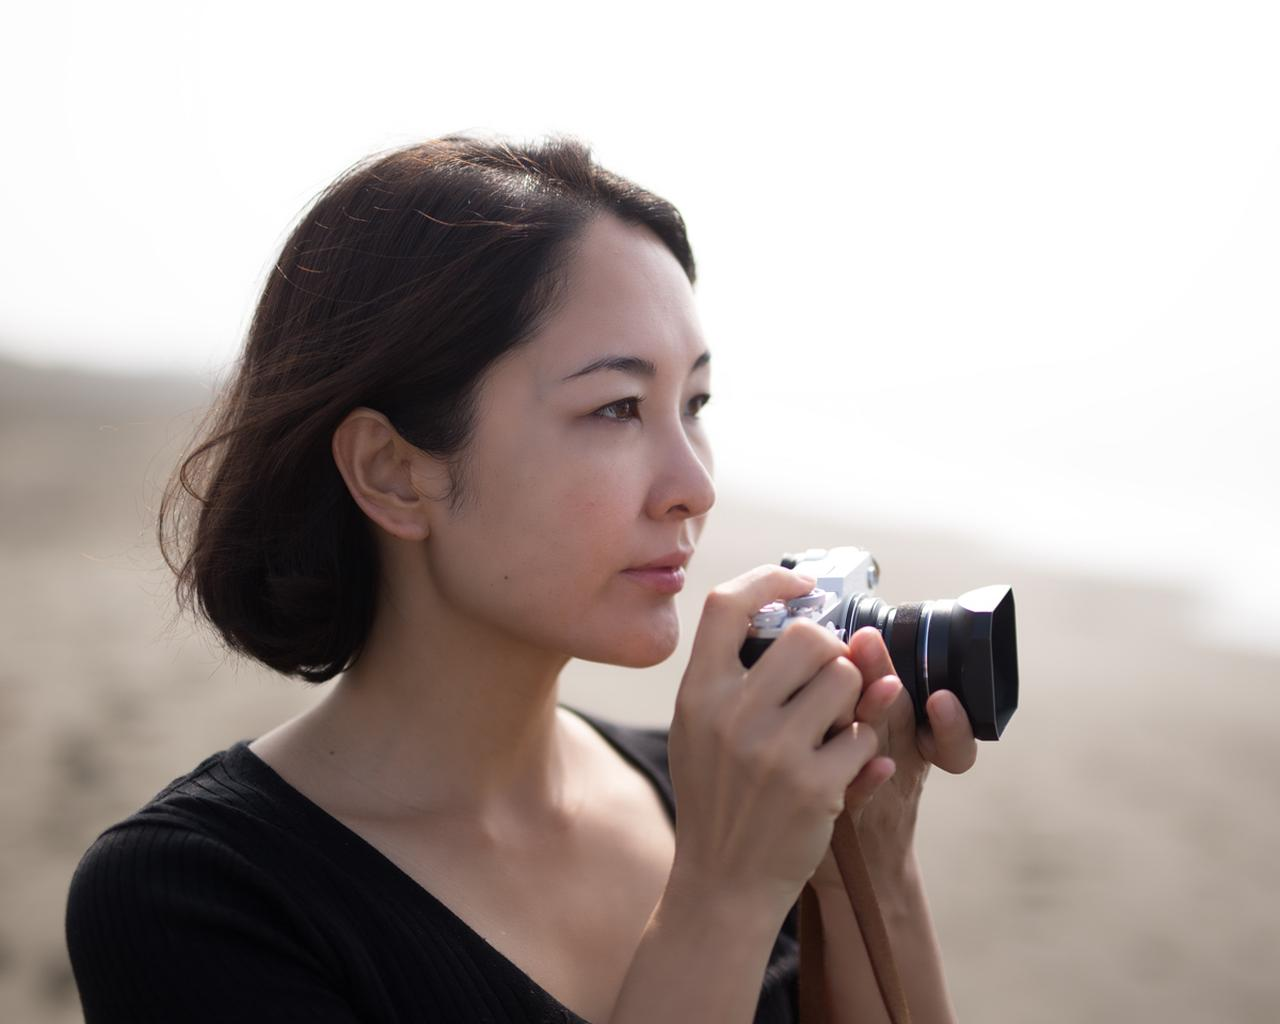 画像: 「柔らかな愛情表現と絶妙の距離感」 「カメラマン最前線」大門美奈さん(後編)